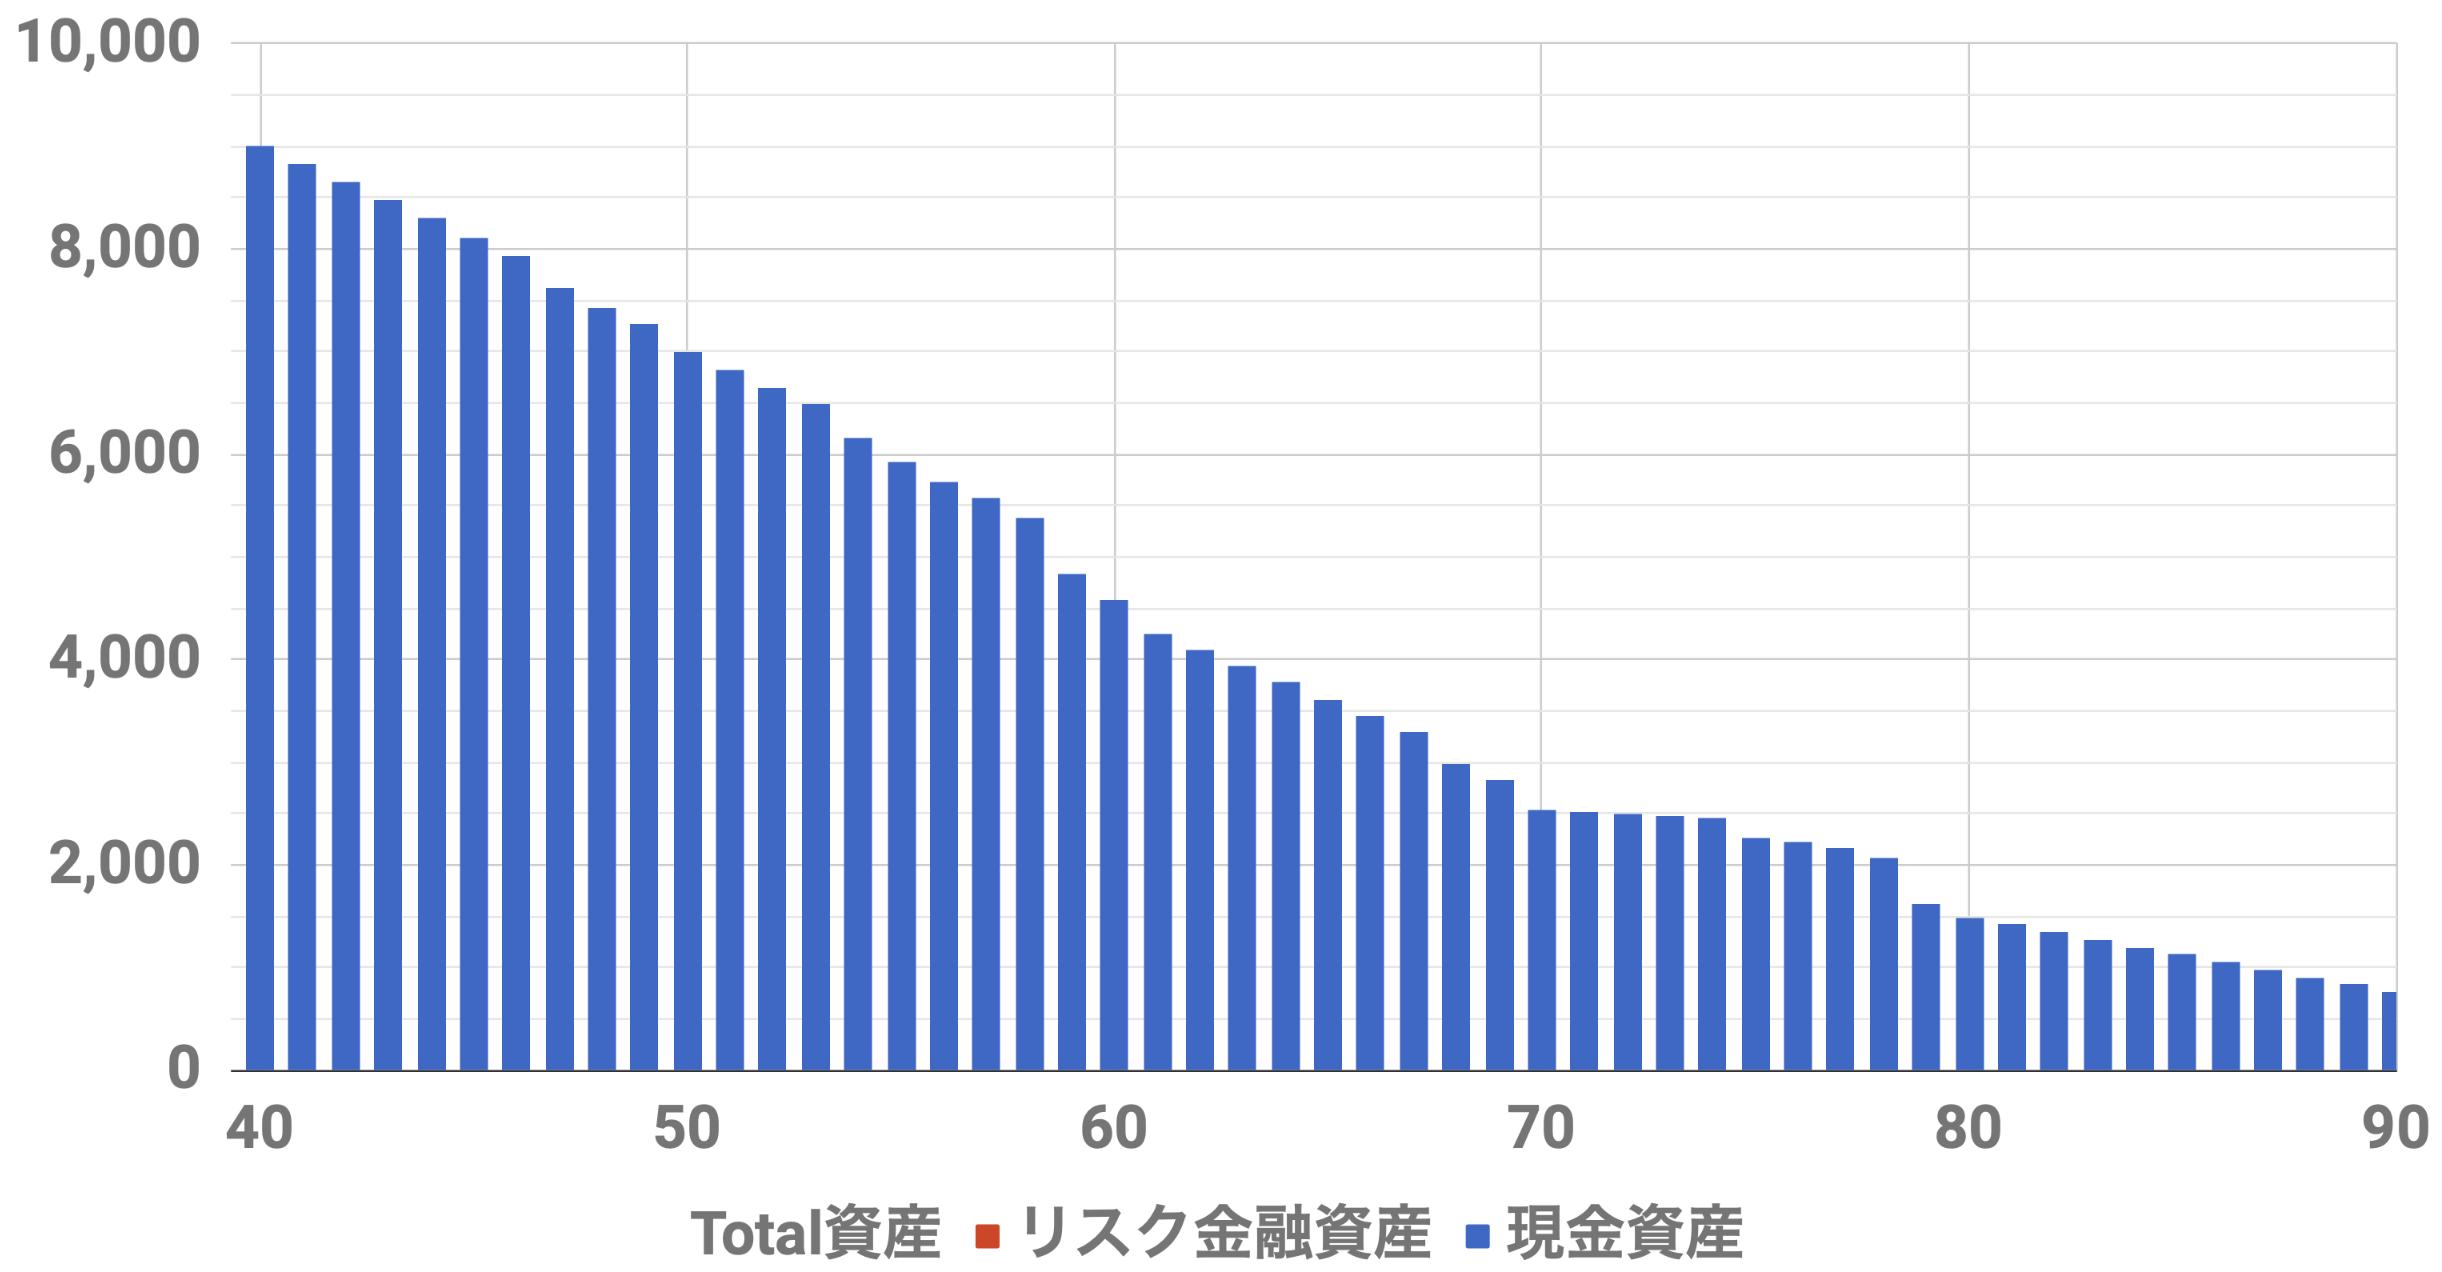 40歳9000万円資産シミュレーション(Level3)インフレ率0%,安全資産運用